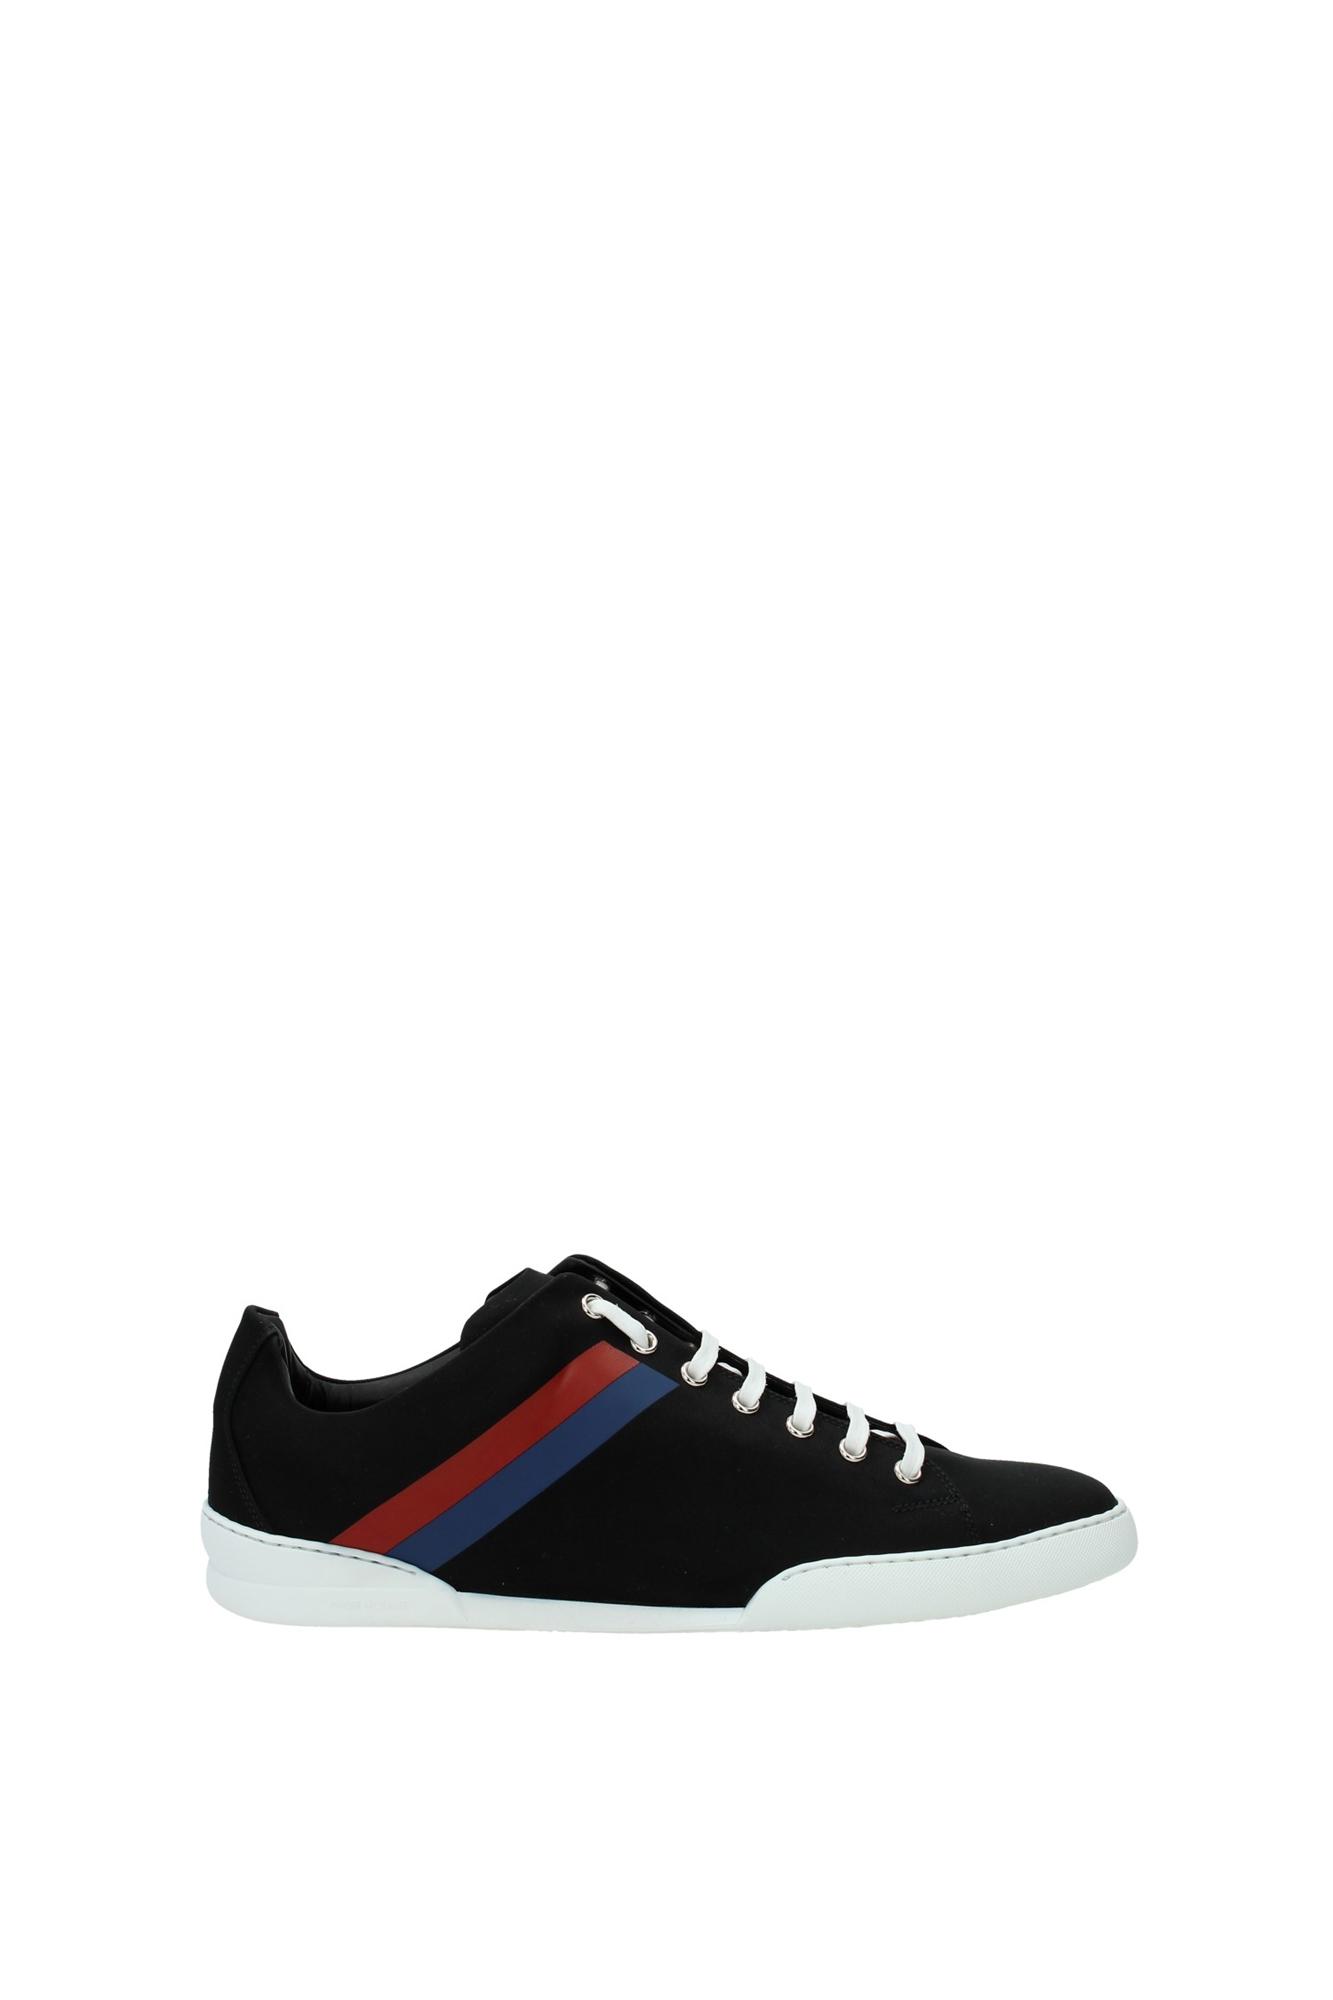 Sneakers (3SN166CXU963) Christian Dior Men - Leather (3SN166CXU963) Sneakers f67132